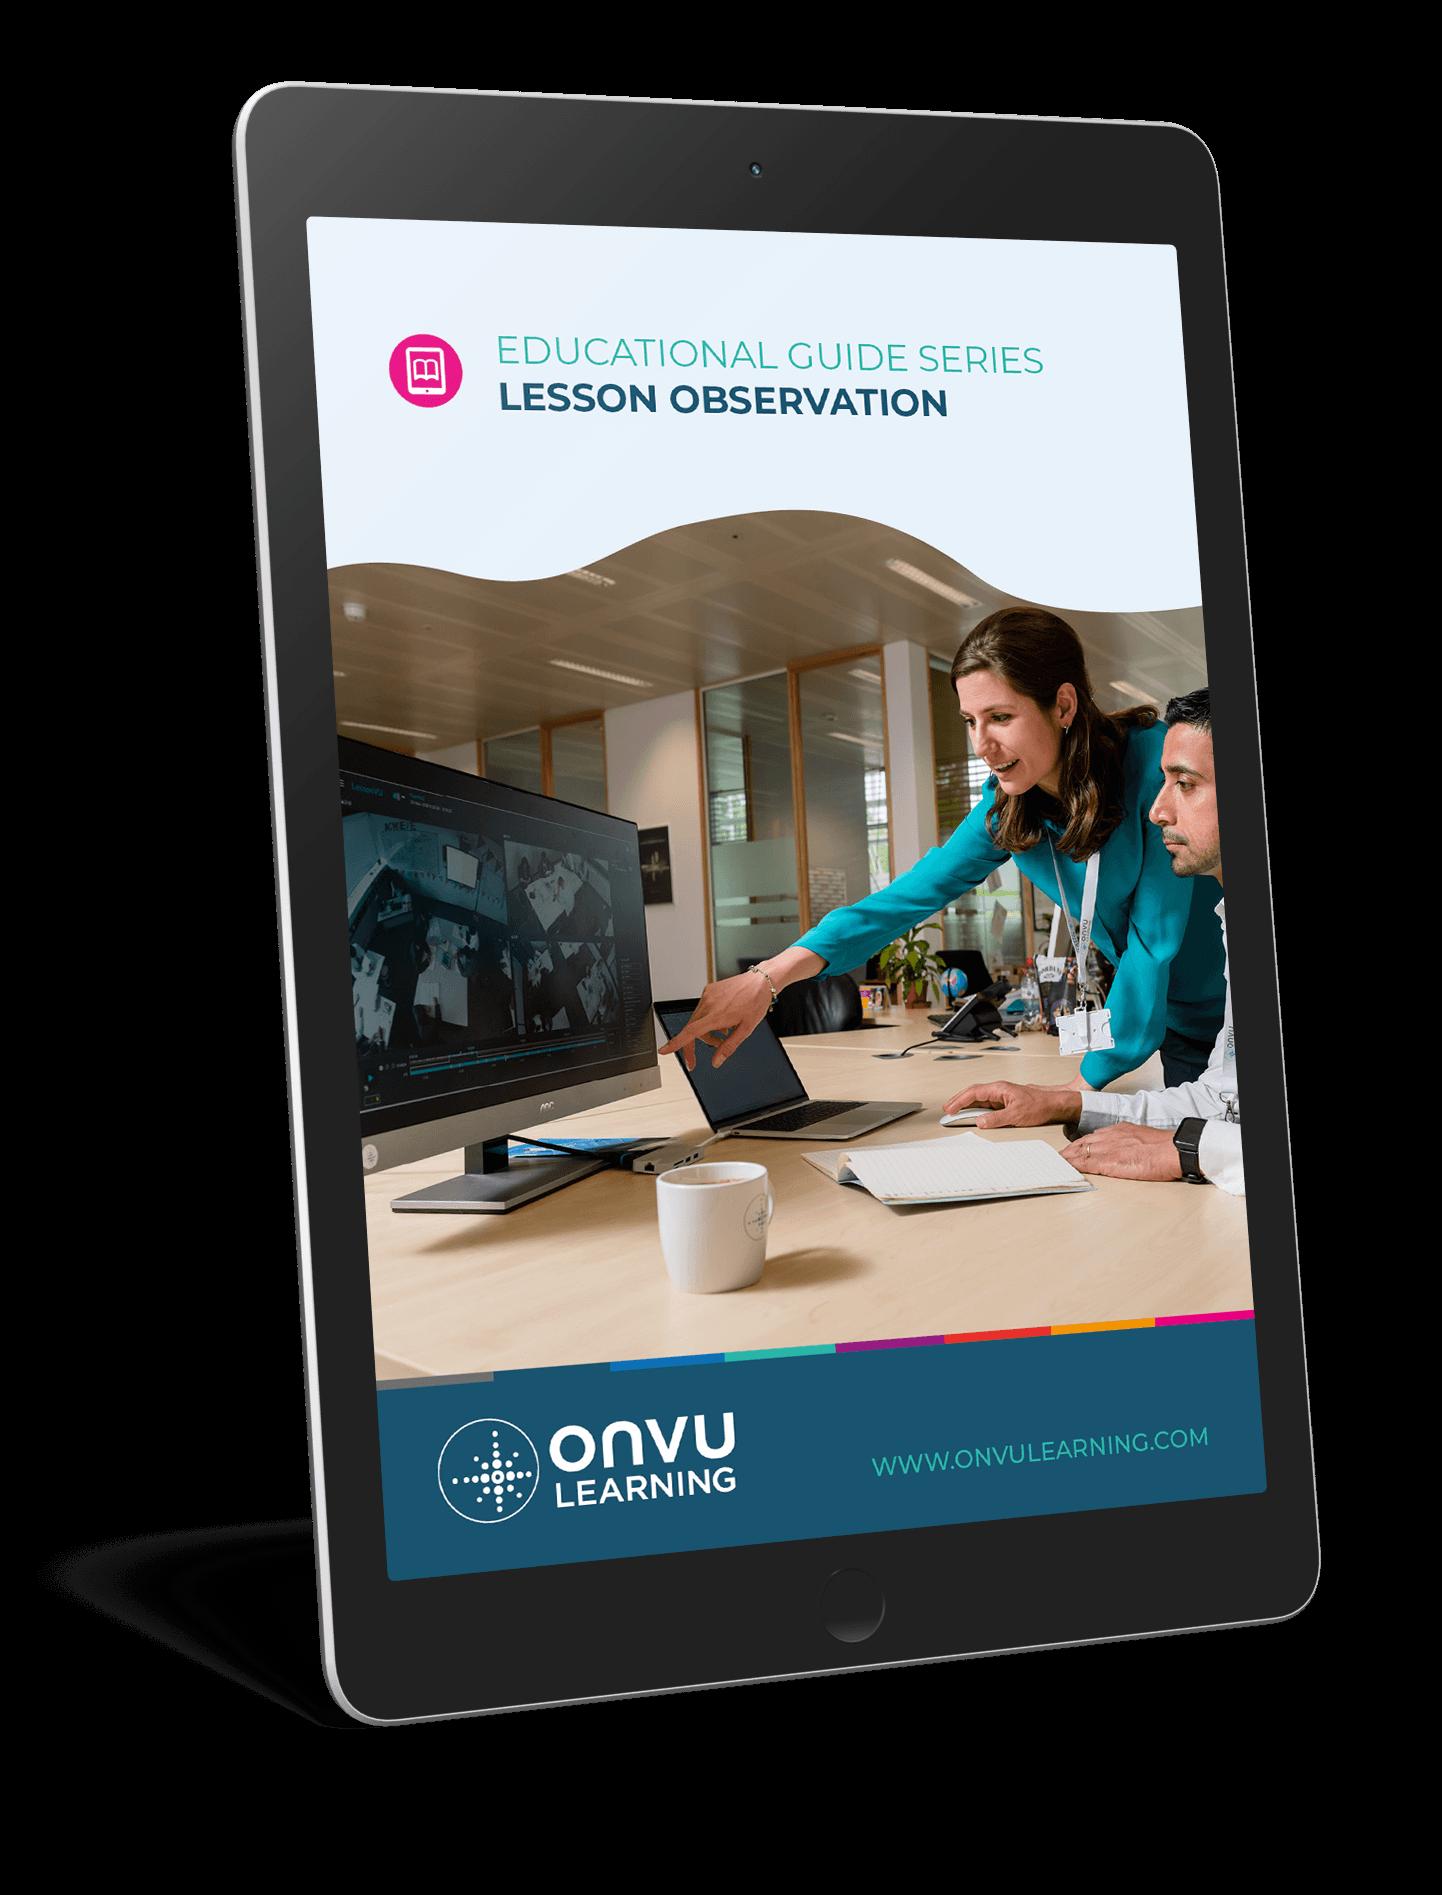 ONVU Learning Ebook Mockup Lesson Observation